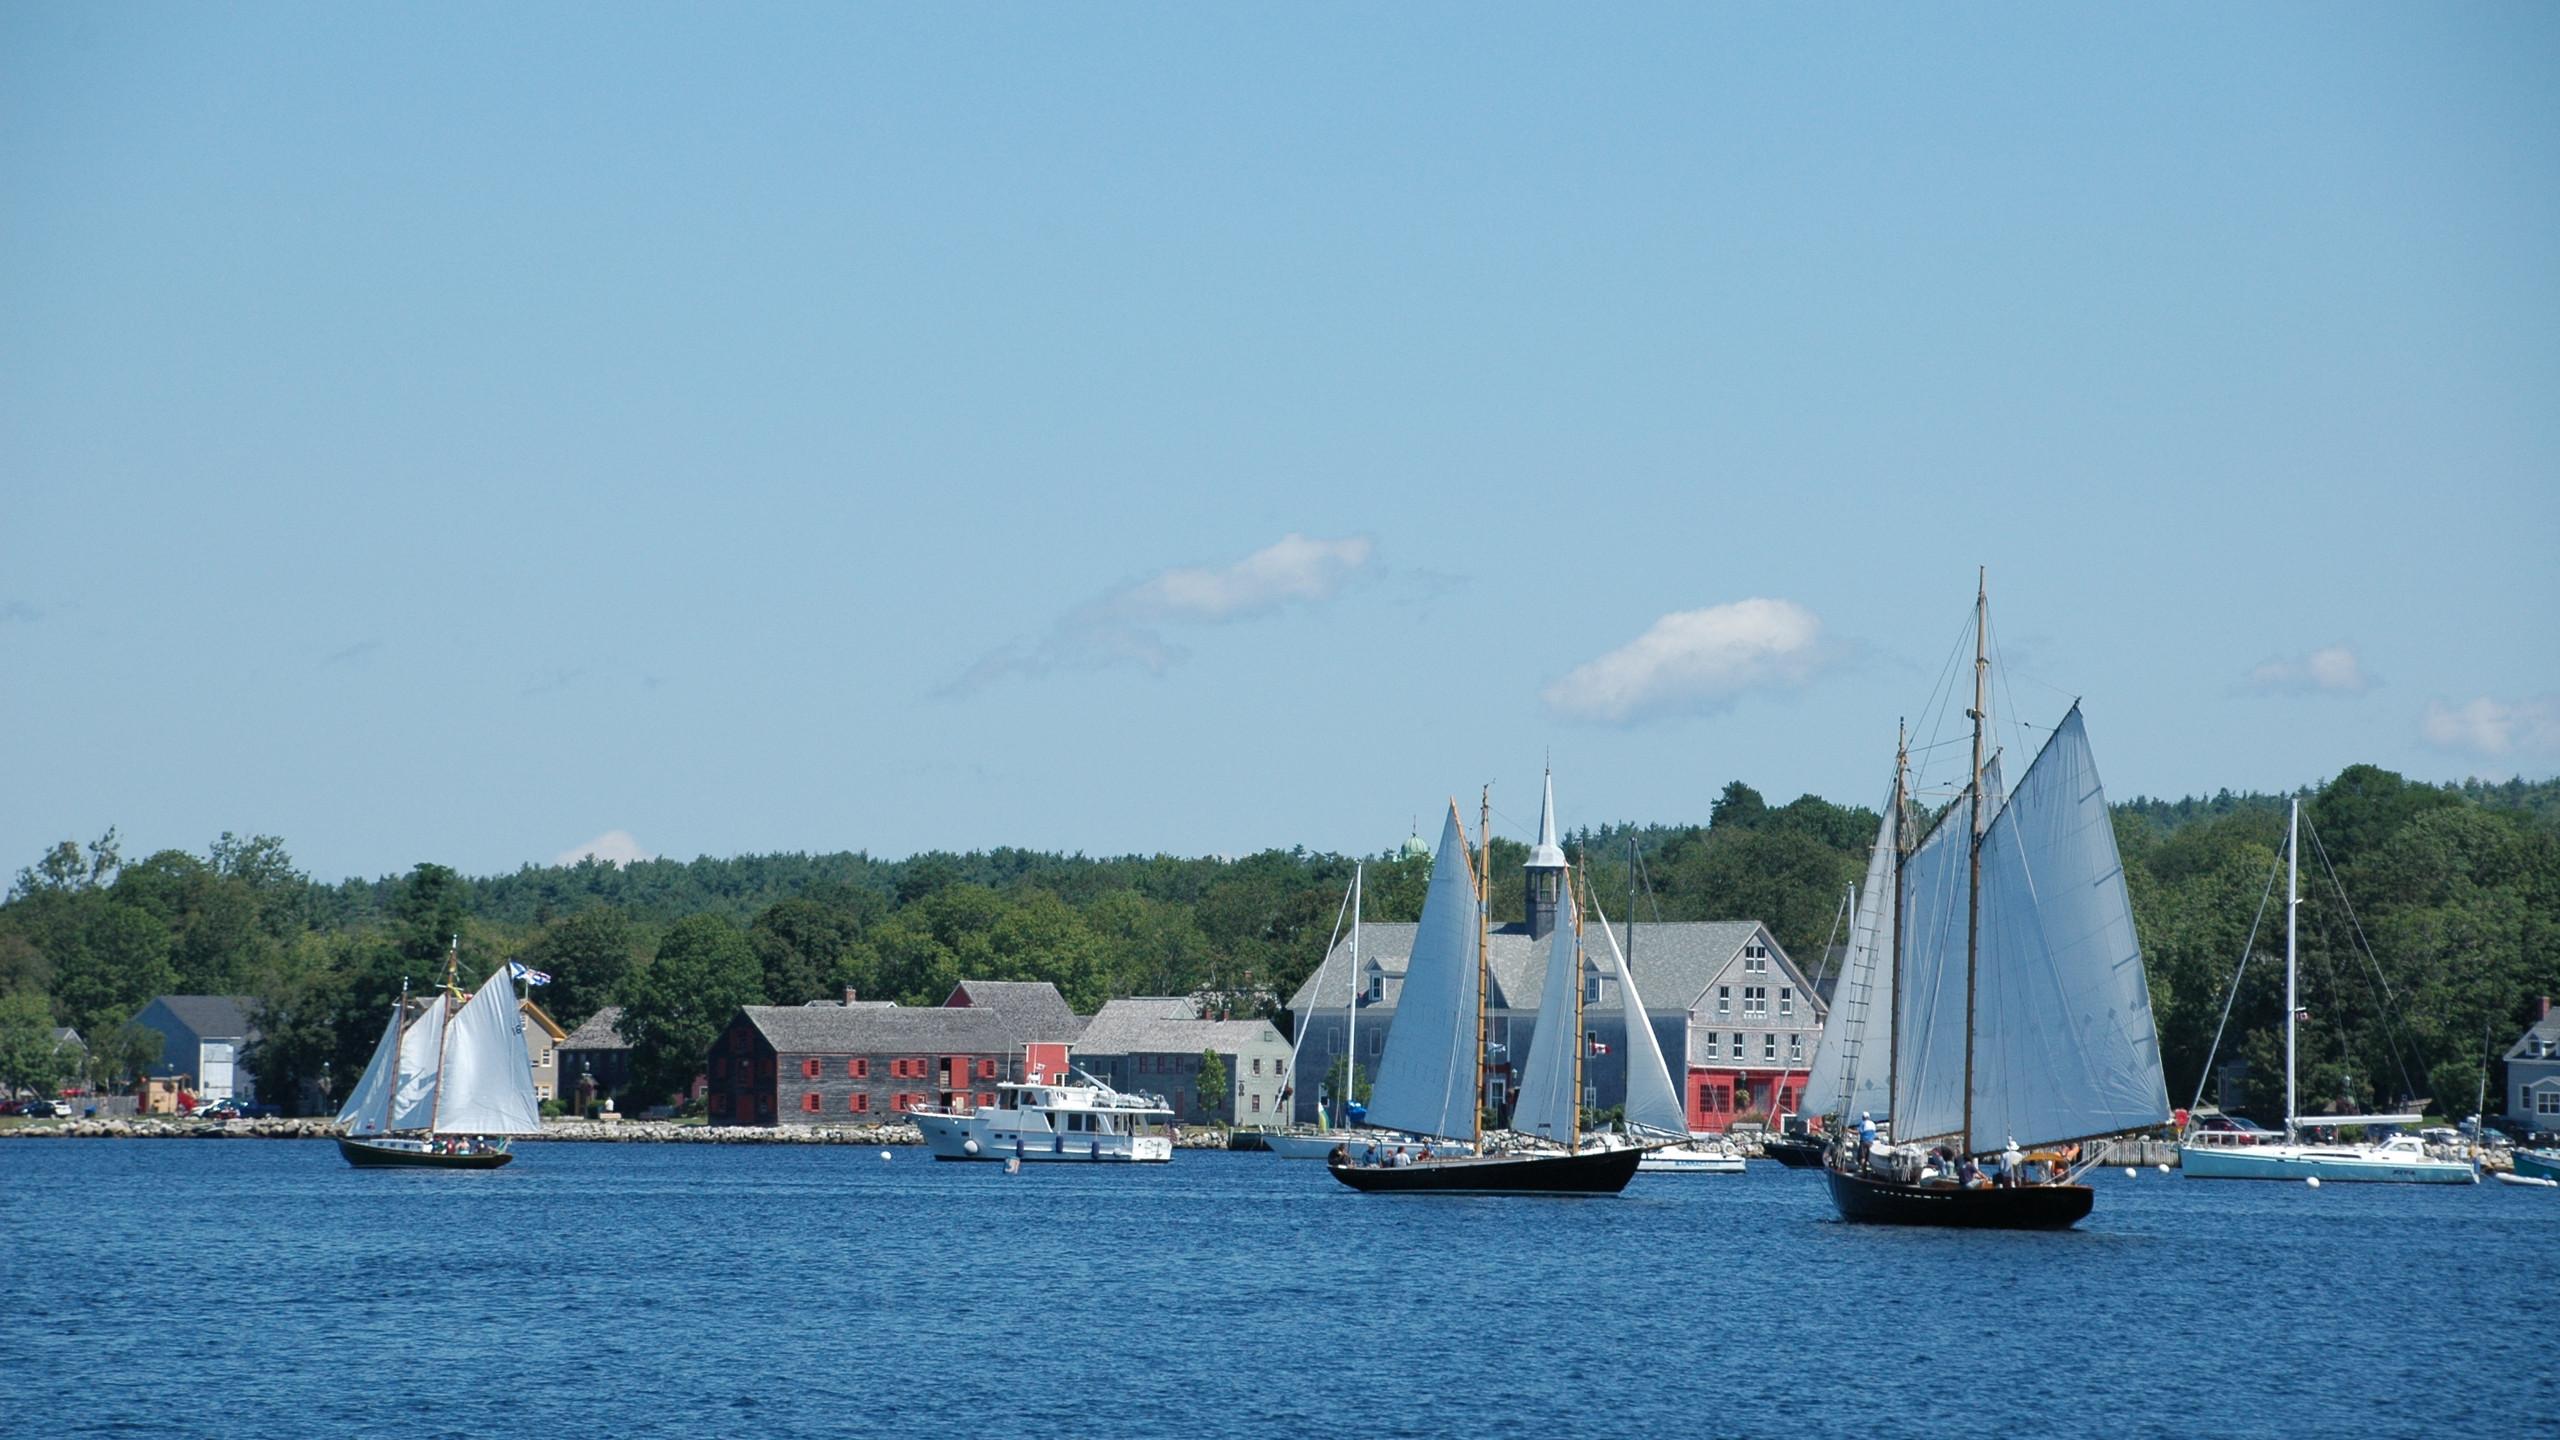 Schooners off the harbour